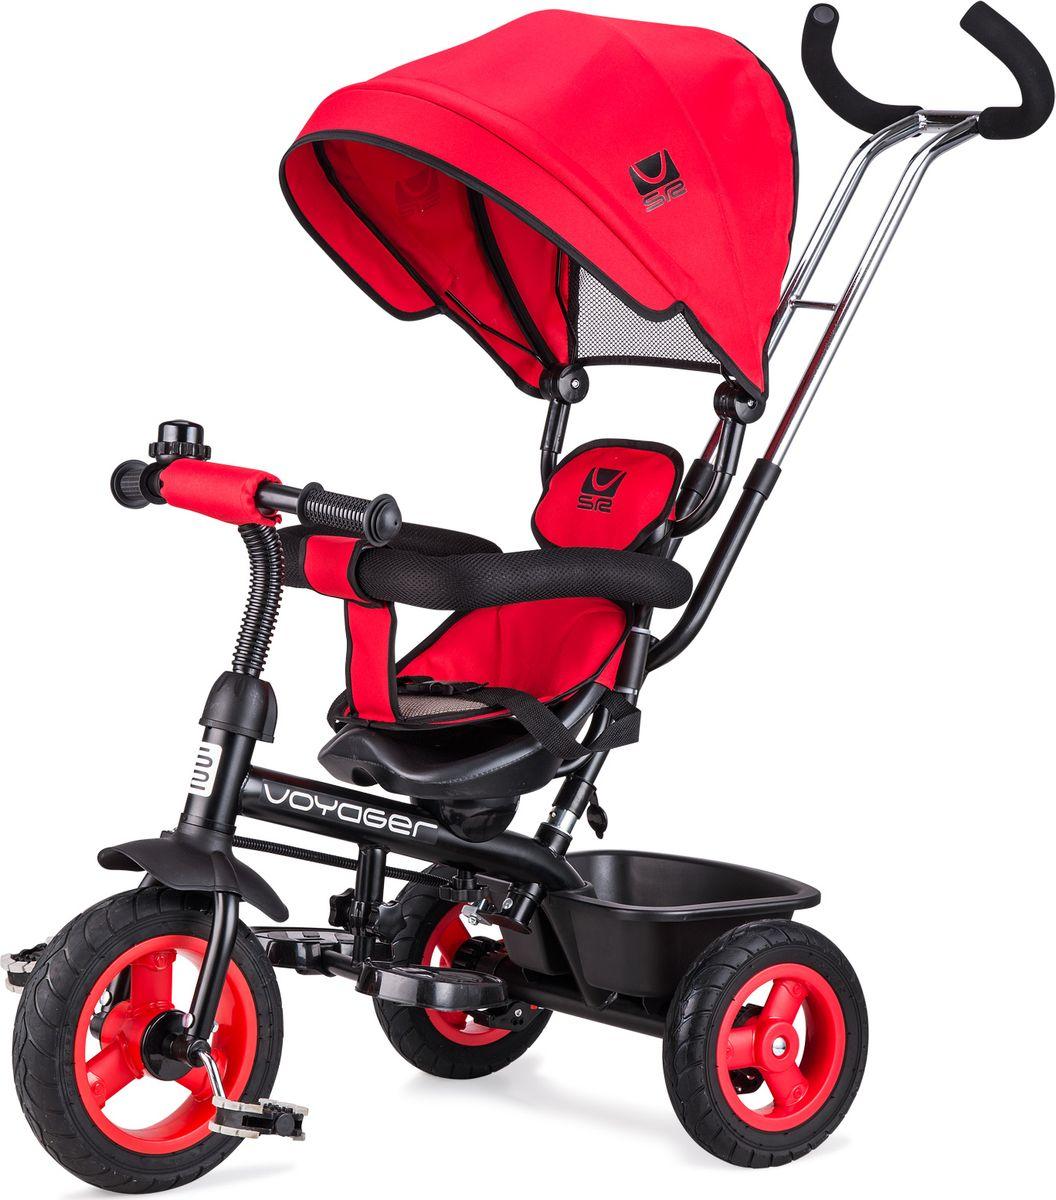 Small Rider Велосипед трехколесный Voyager цвет красный1224965Превратите каждую прогулку в Вояж или Путешествие! Смолл Райдер Вояджер - это комфортный трехколесный велосипед нового поколения, воплотивший в себе все современные функции и высокие требования к комфорту ребенка. Стильный дизайн европейского уровня. Трехколесный велосипед является и детским транспортом, и модным аксессуаром, подчеркивающим Ваш стиль на прогулке. Красота линий велосипеда радует глаз, акцентирует фокус на легкости и спортивности, воплощает лаконичность и изящество формы. Бескамерные покрышки. Колеса у велосипеда имеют специальные бескамерные покрышки, которые по внешнему виду и ощущениям абсолютно идентичны надувным, но при этом не требуют подкачки и не прокалываются. Колесо все время как бы максимально накачано. Это современный тип колес, который объединил в себе все преимущества надувных и ПВХ колес, ведь колеса катятся плавно и мягко, не требуя ухода в будущем. Элегантные матовые диски смотрятся премиально и основательно. ...